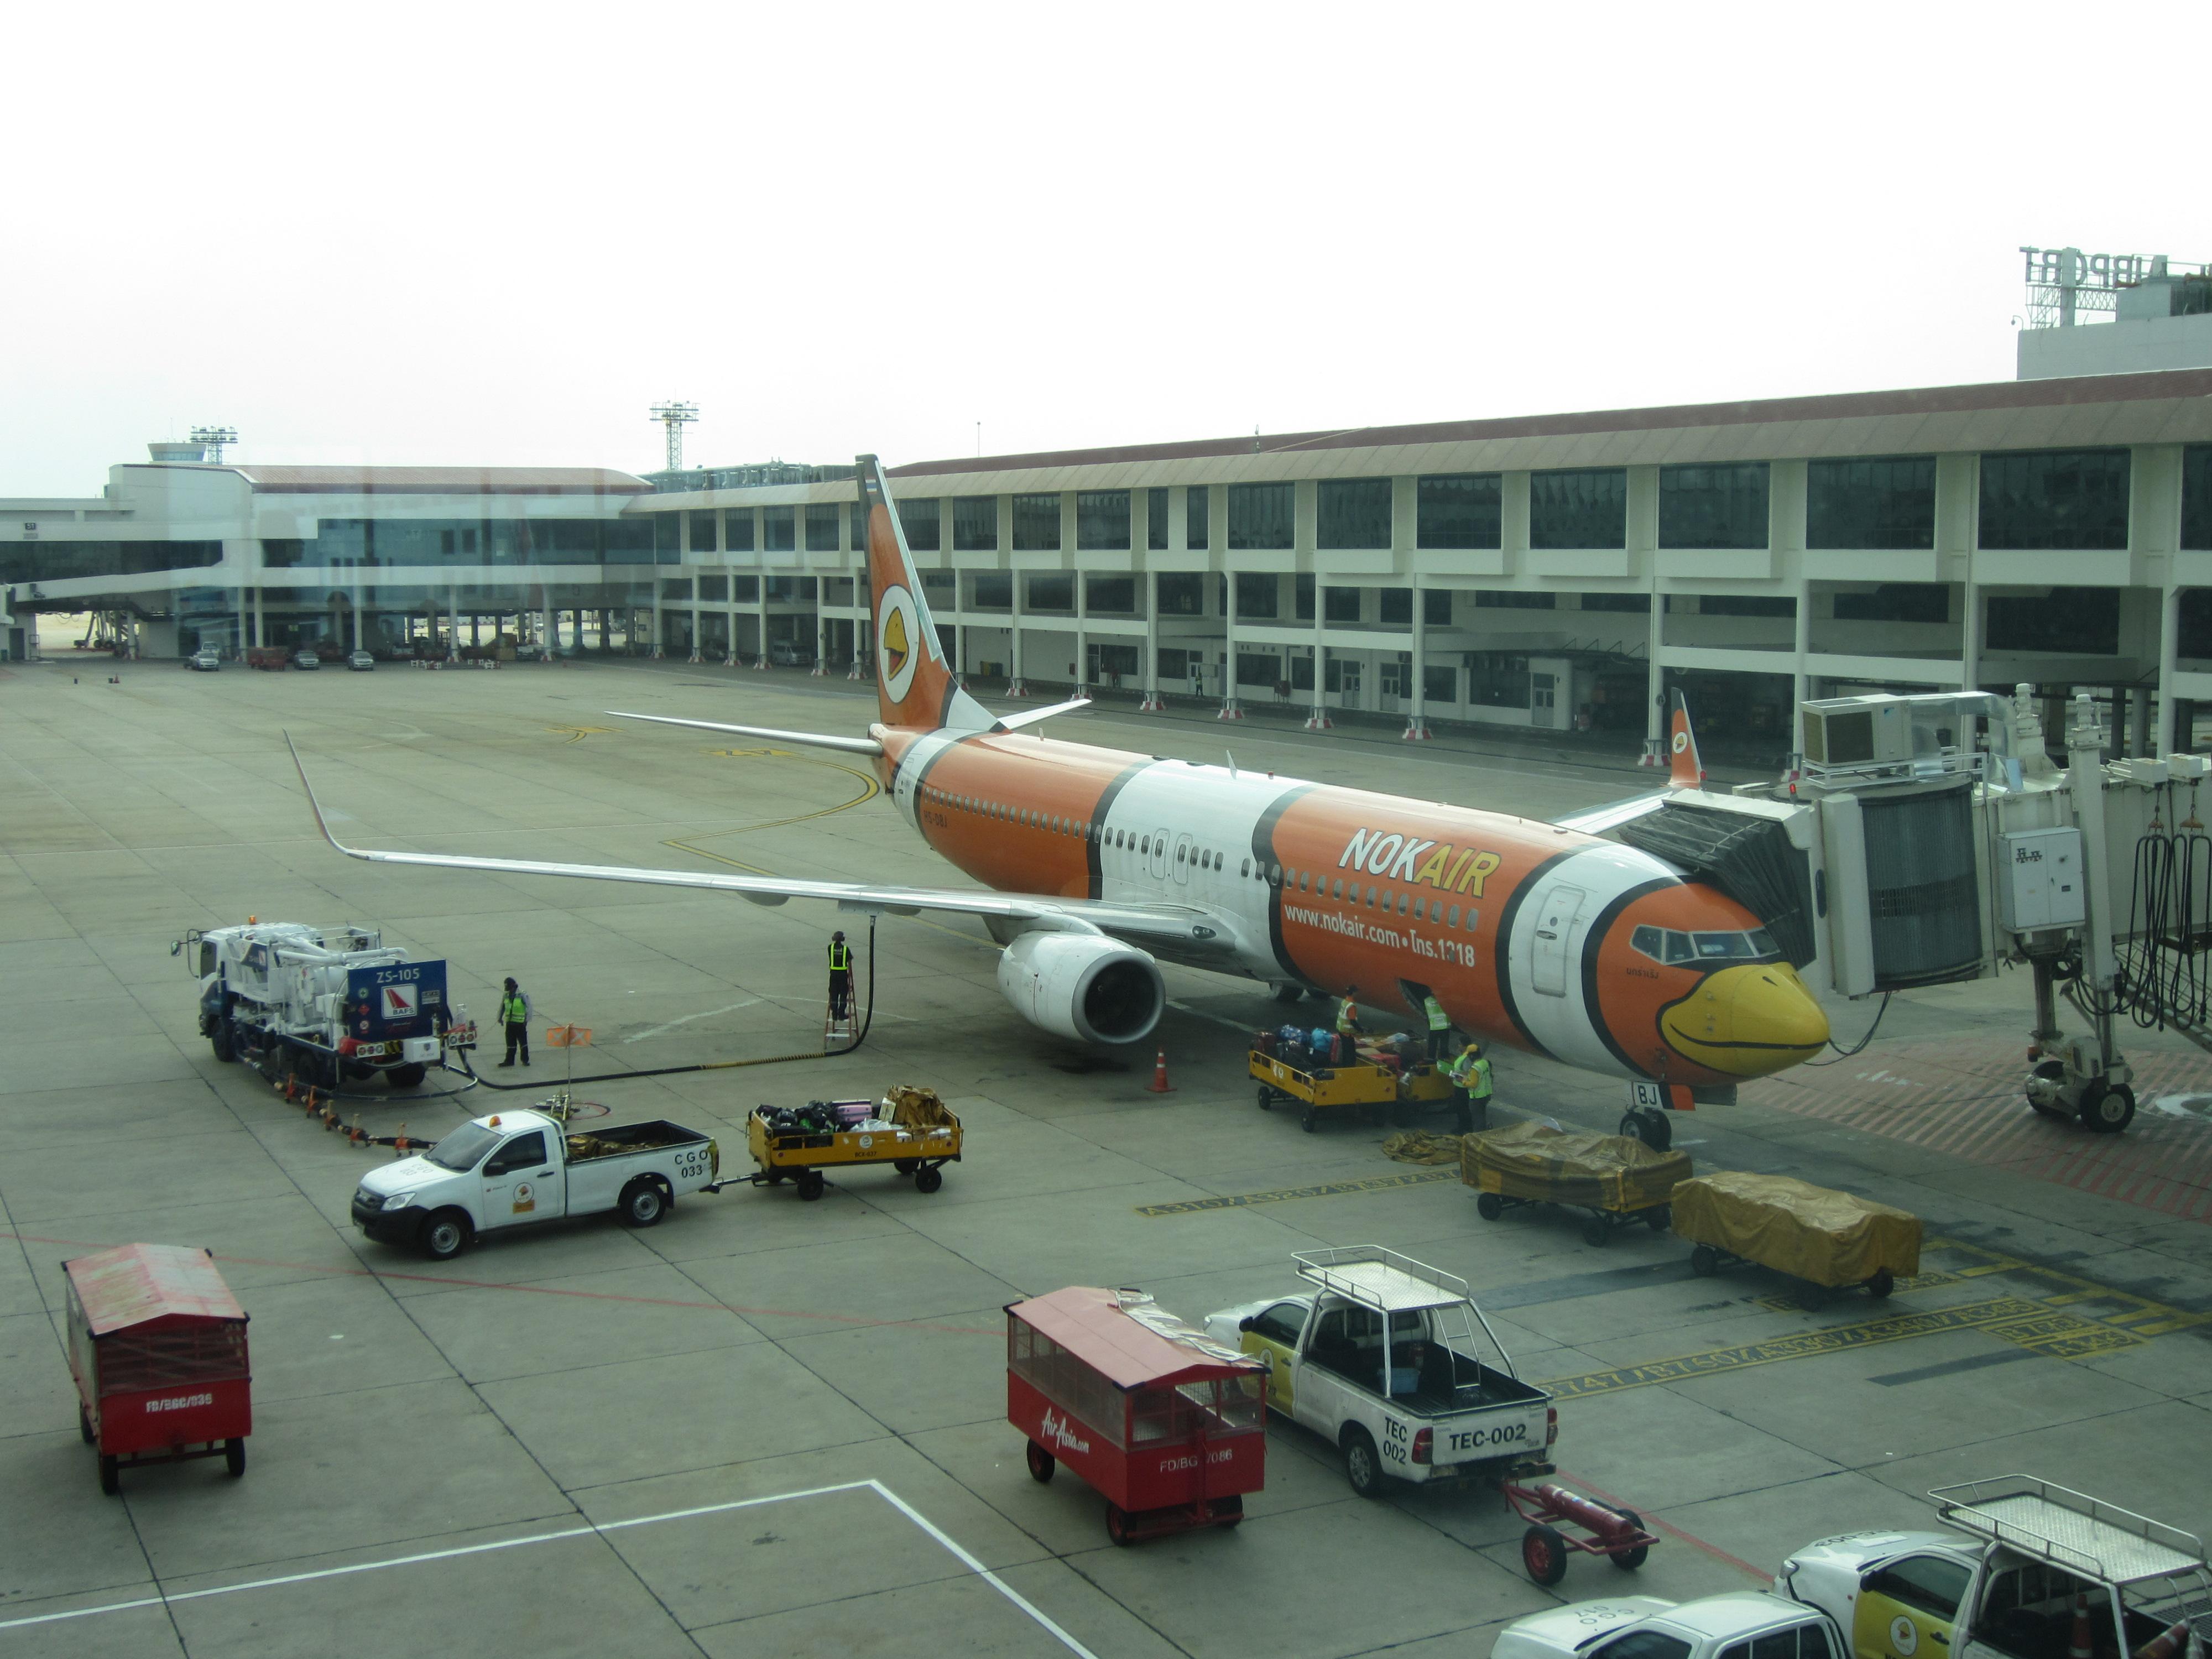 72 Gambar Airport Kekinian